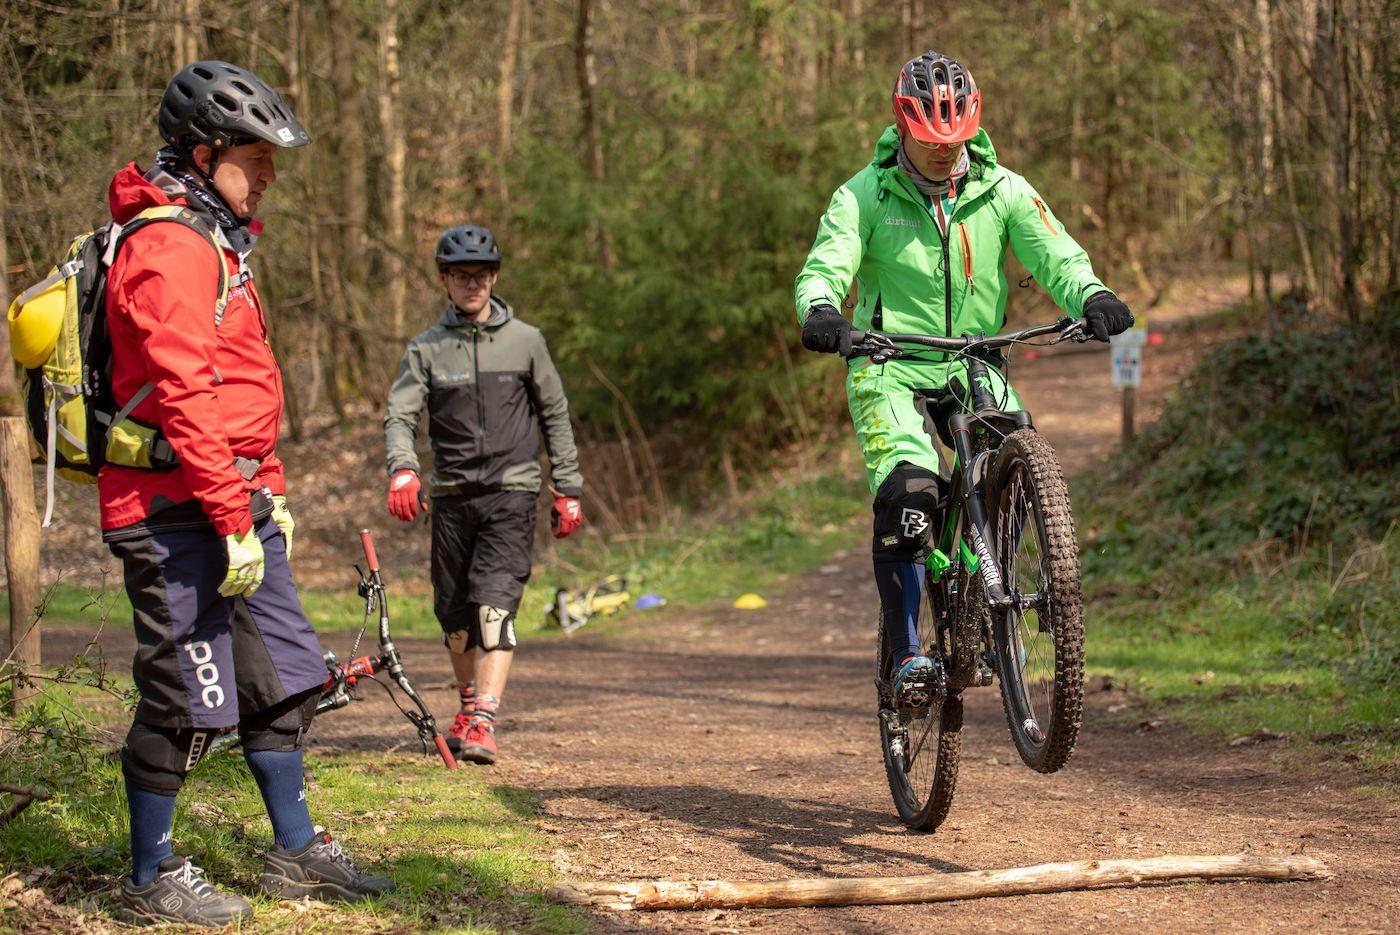 MTB Fahrtechnik Kurs Fortgeschrittene in Saarbrücken - Mountainbike Fortgeschritten - Rock my Trail Bikeschule - 15